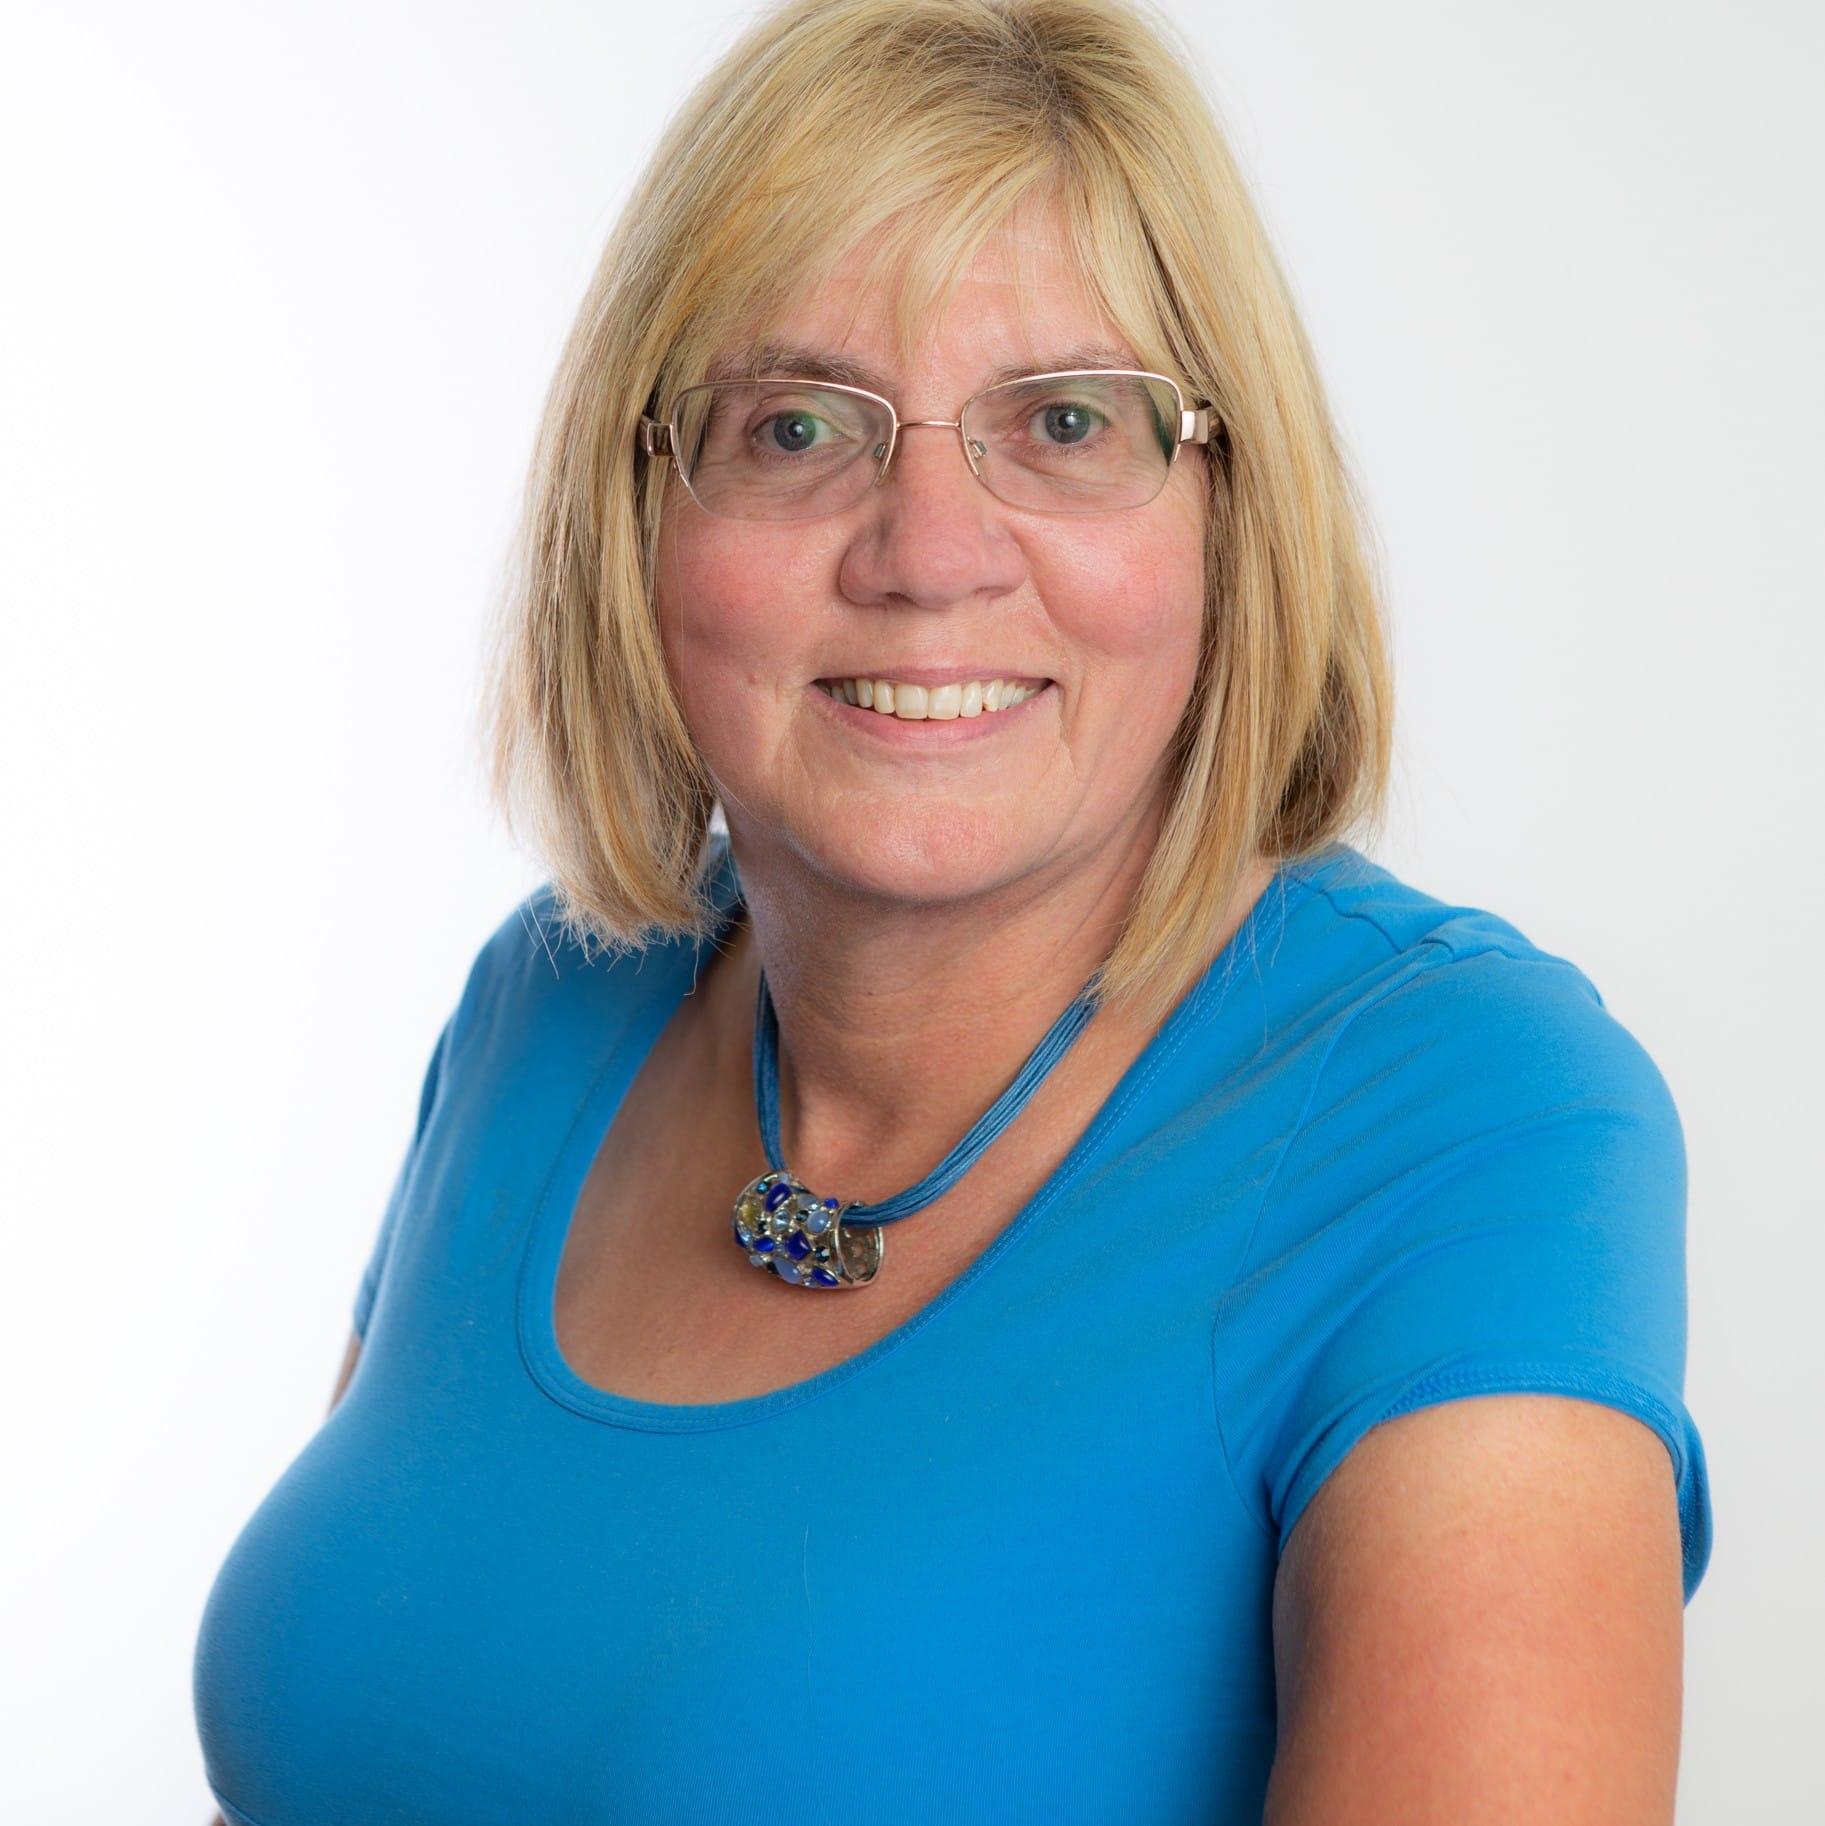 Lori Feist - LFeist Consulting